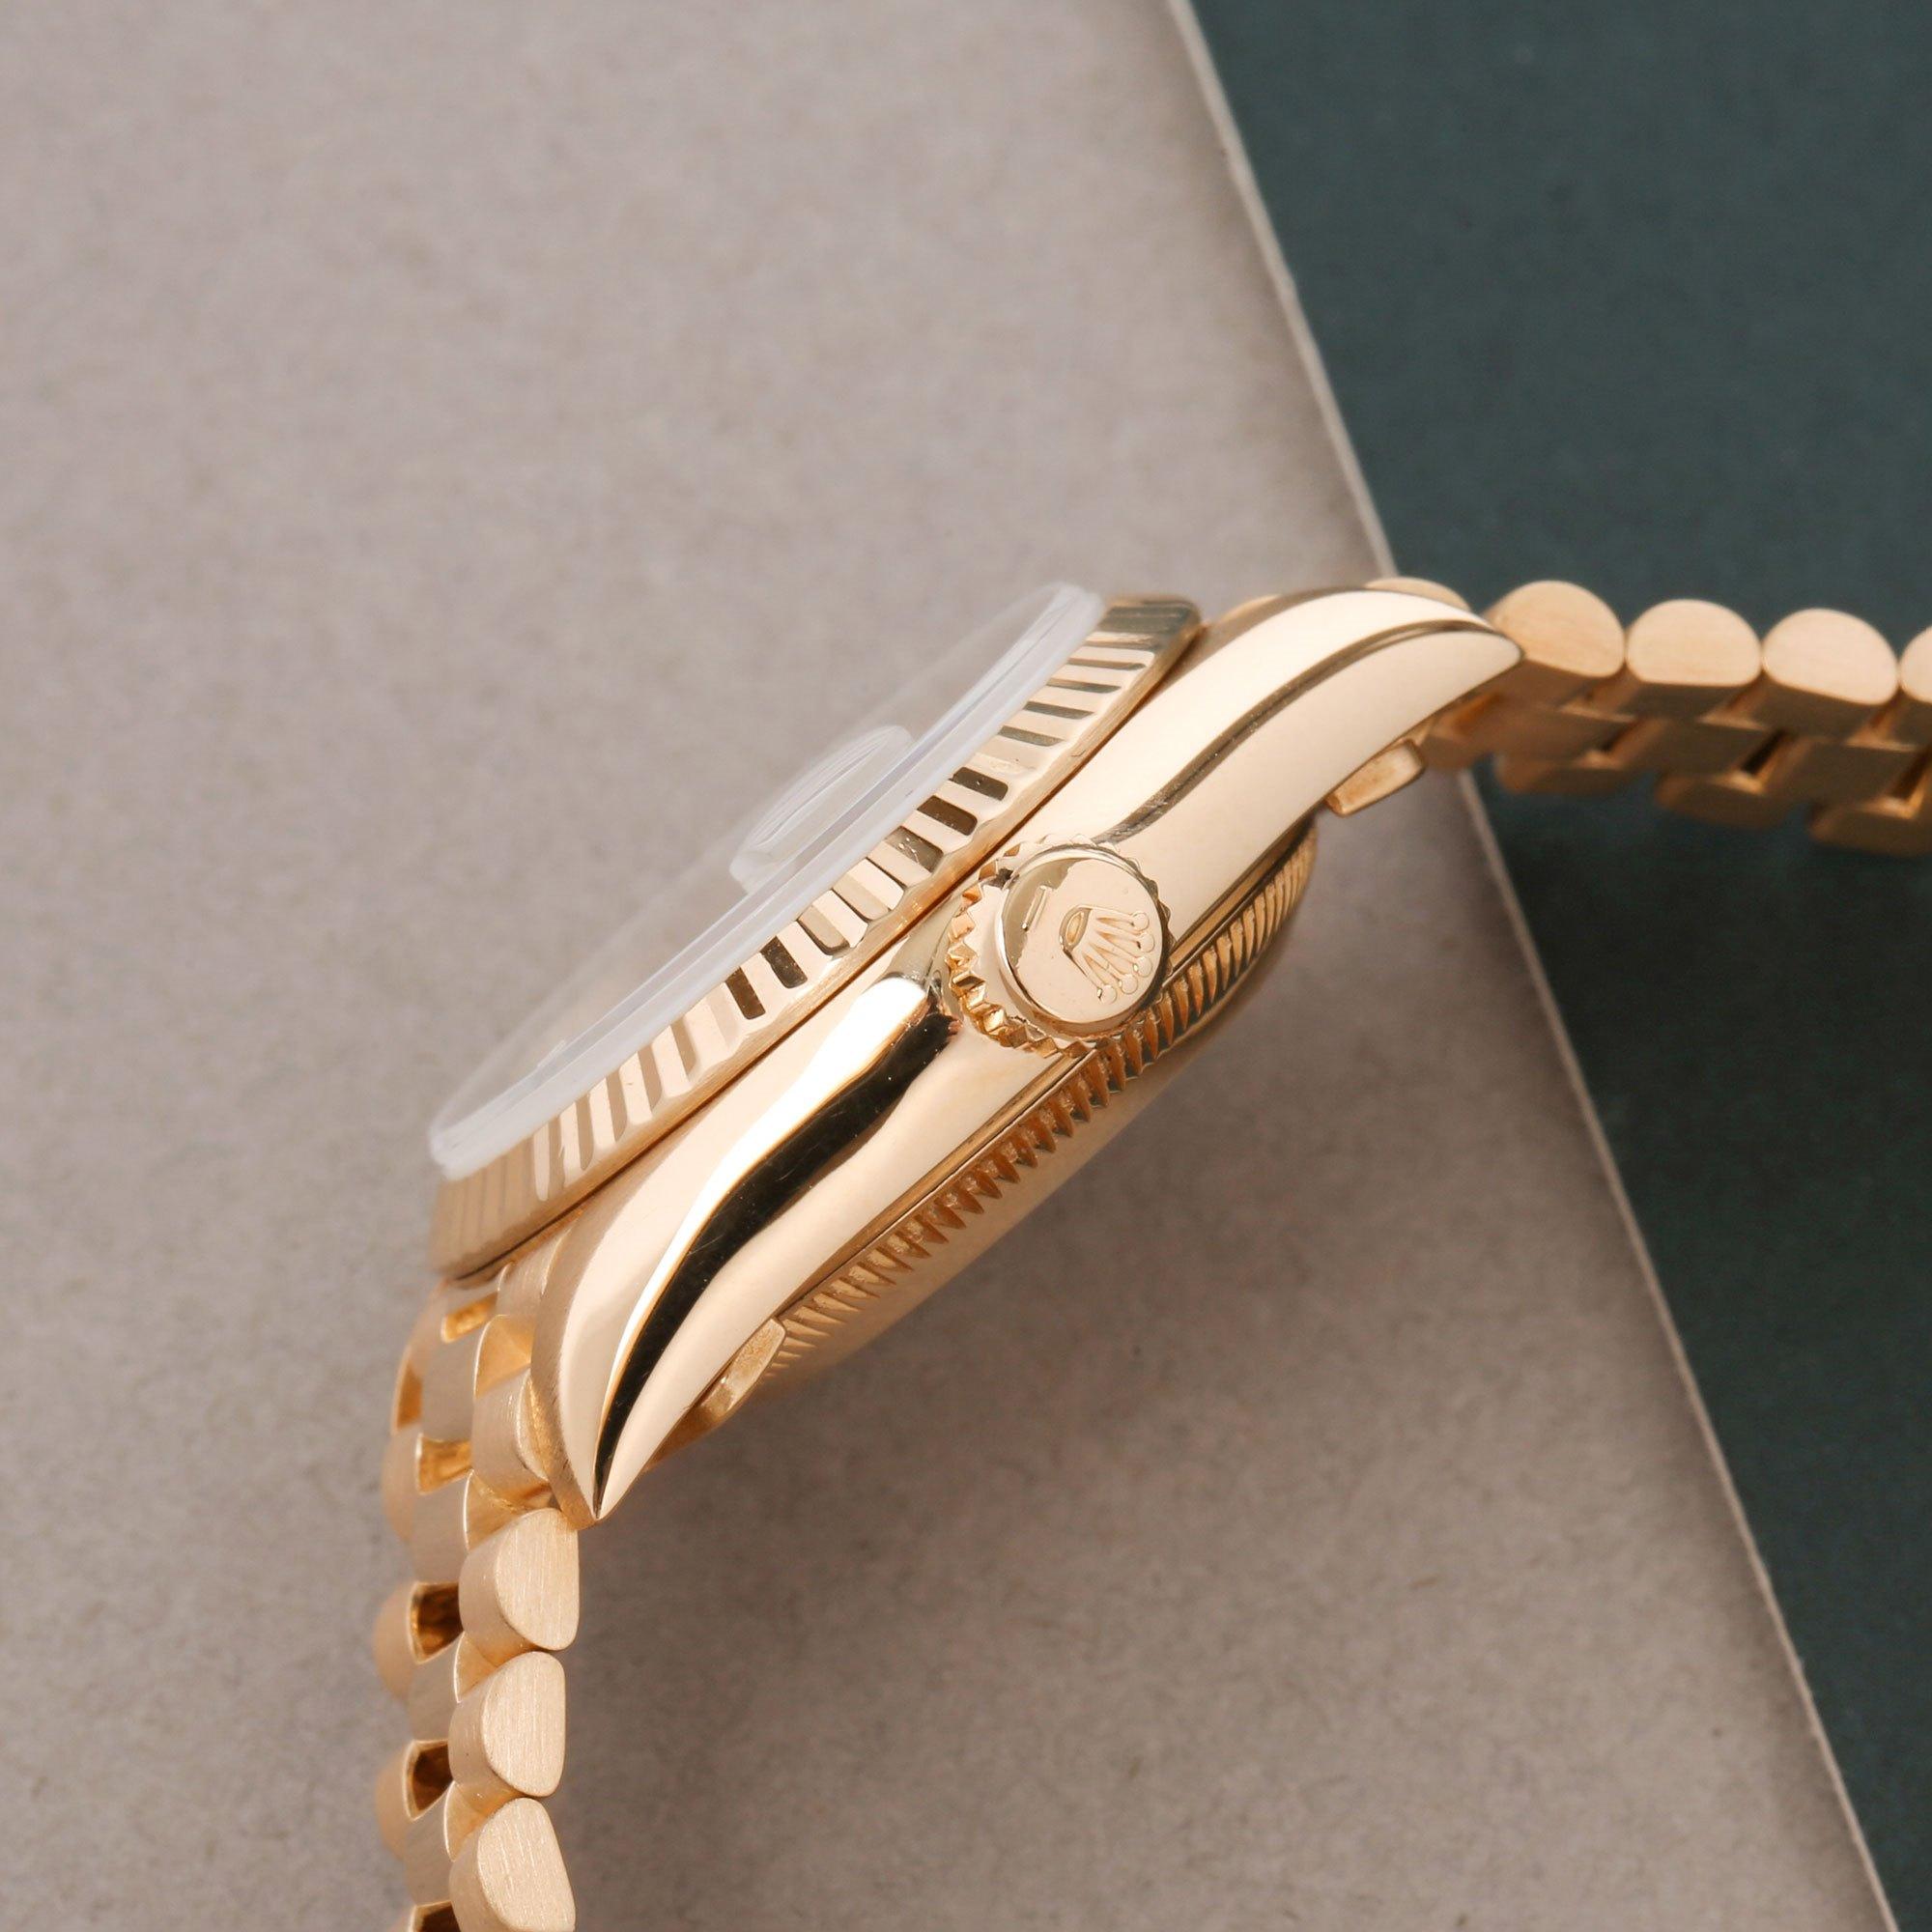 Rolex Datejust 26 Diamond 18K Geel Goud 69178G